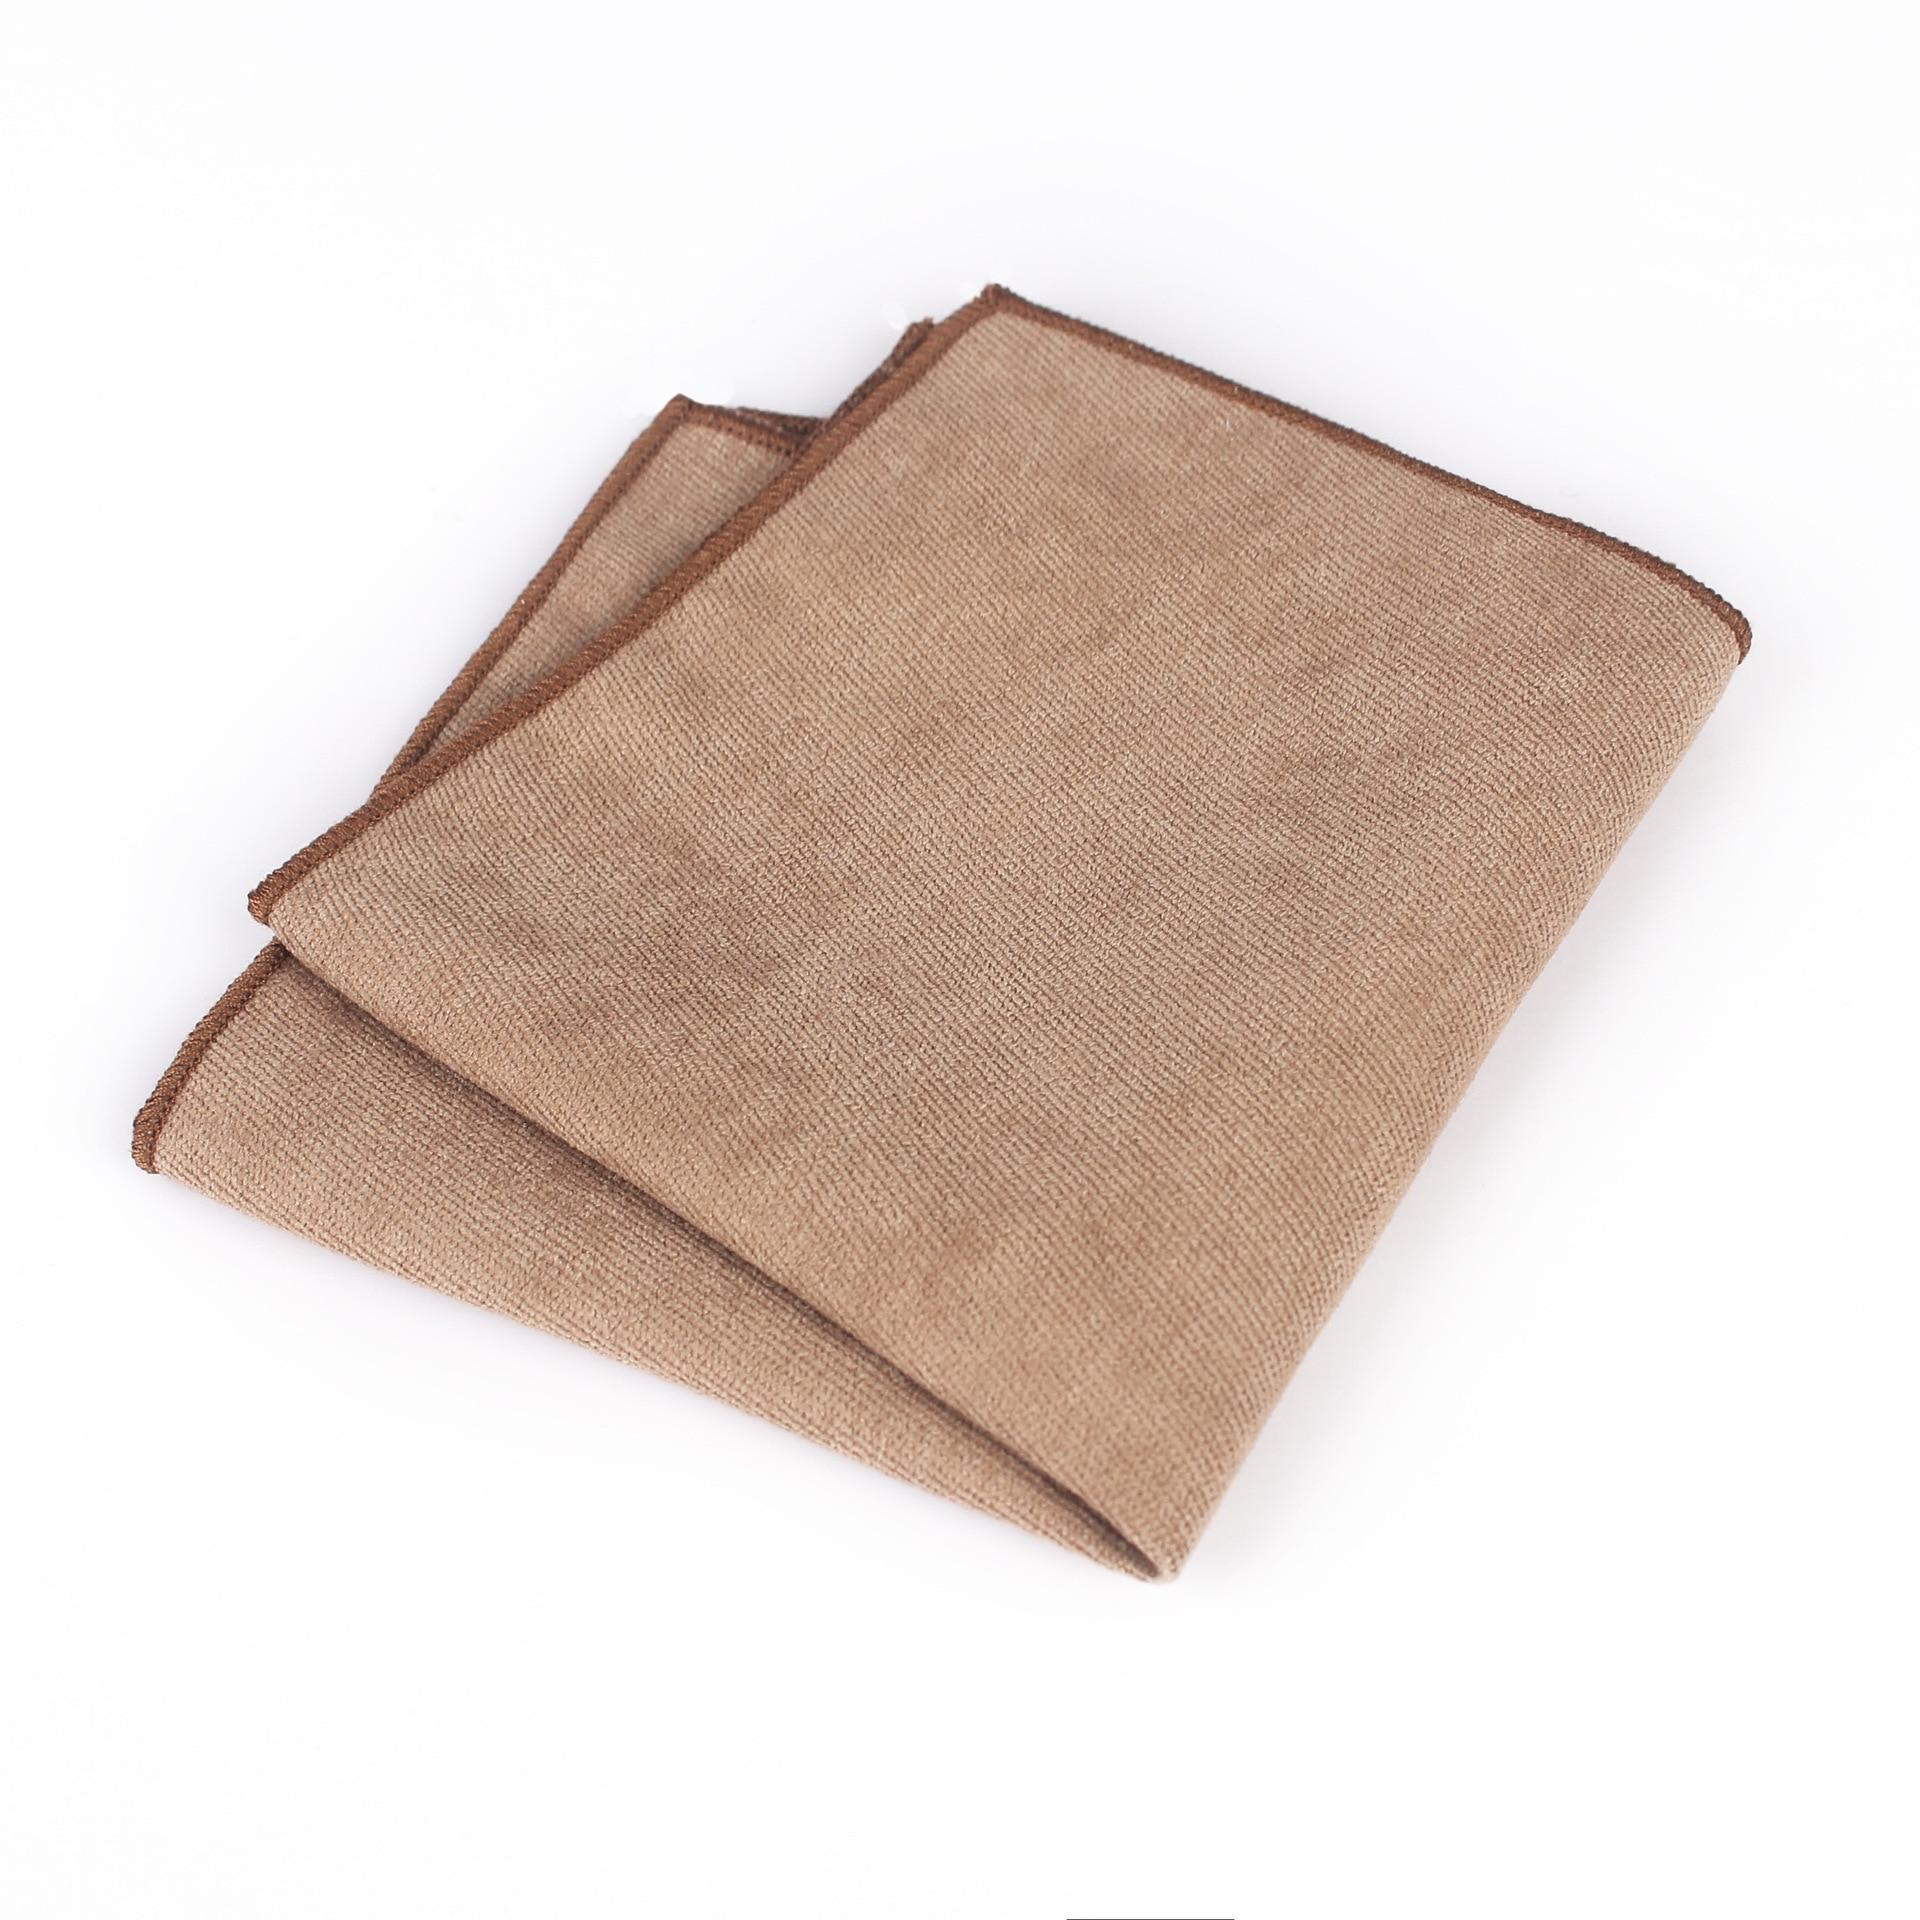 Mantieqingway  24 * 24cm Luxury Men's Deerskin Simple Casual Handkerchief Paisley Solid Color Jacquard Pocket Towel